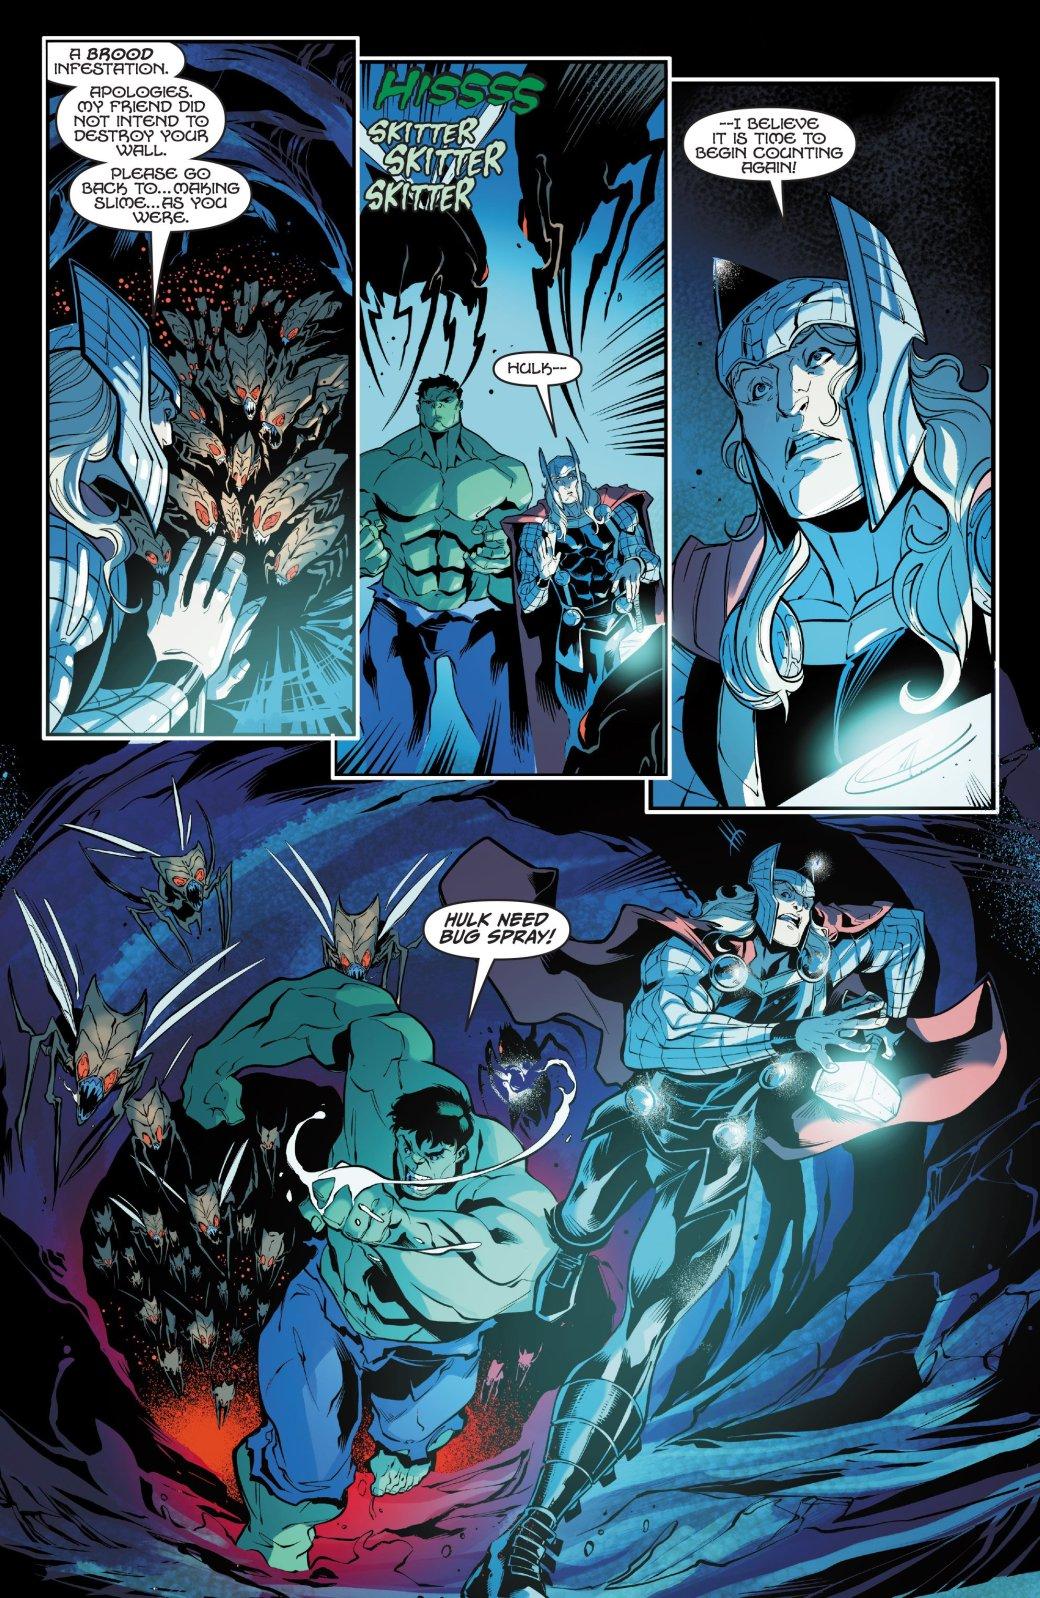 Скем изачем сражаются Тор иХалк вновом комиксе Marvel?. - Изображение 3